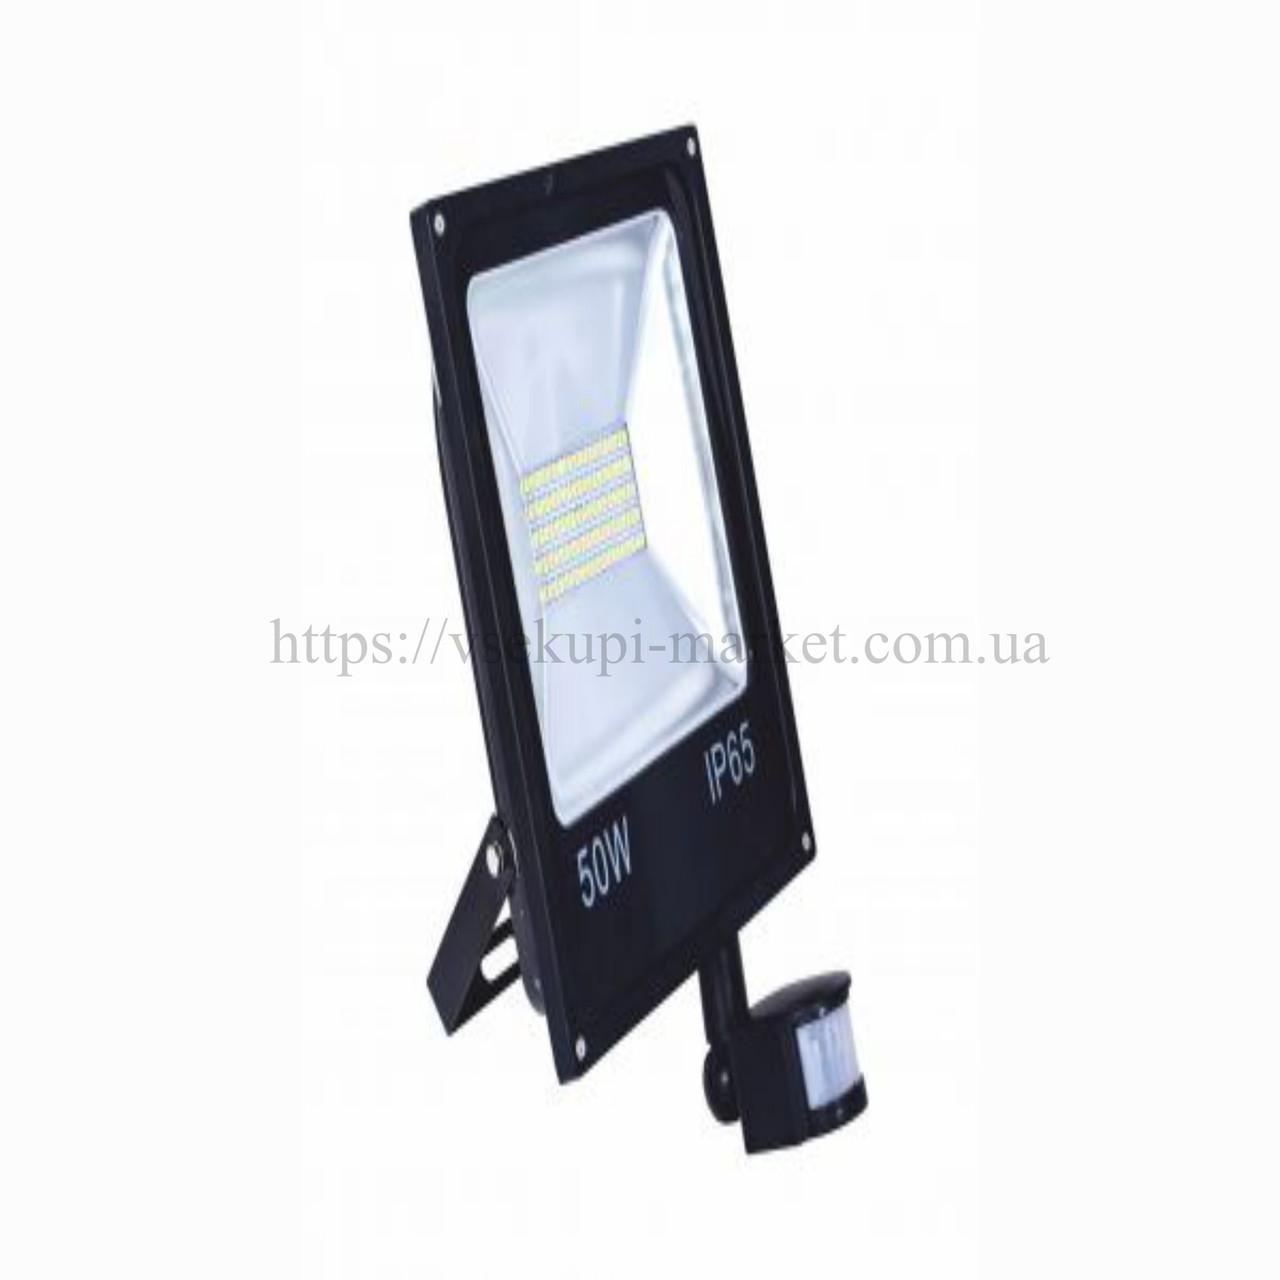 Прожектор RIGHT HAUSEN STANDARD LED 50W 6500K IP65 черный с датчиком движения PR HN-191082N